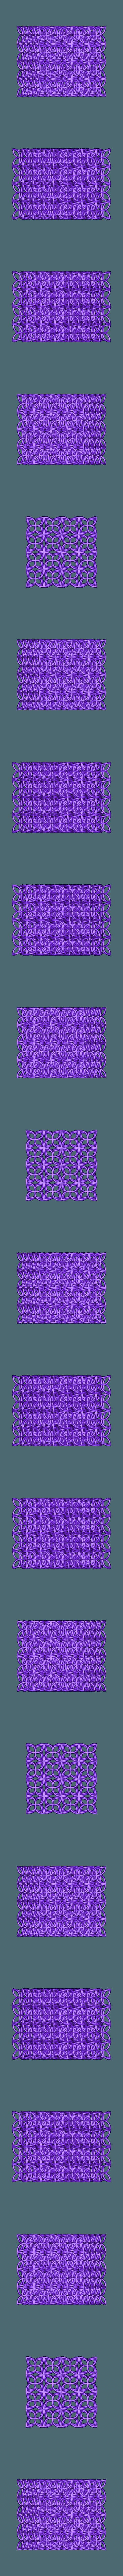 A4_11_4x4.stl Télécharger fichier STL gratuit Cellules de l'unité auxiliaire • Objet imprimable en 3D, sjpiper145